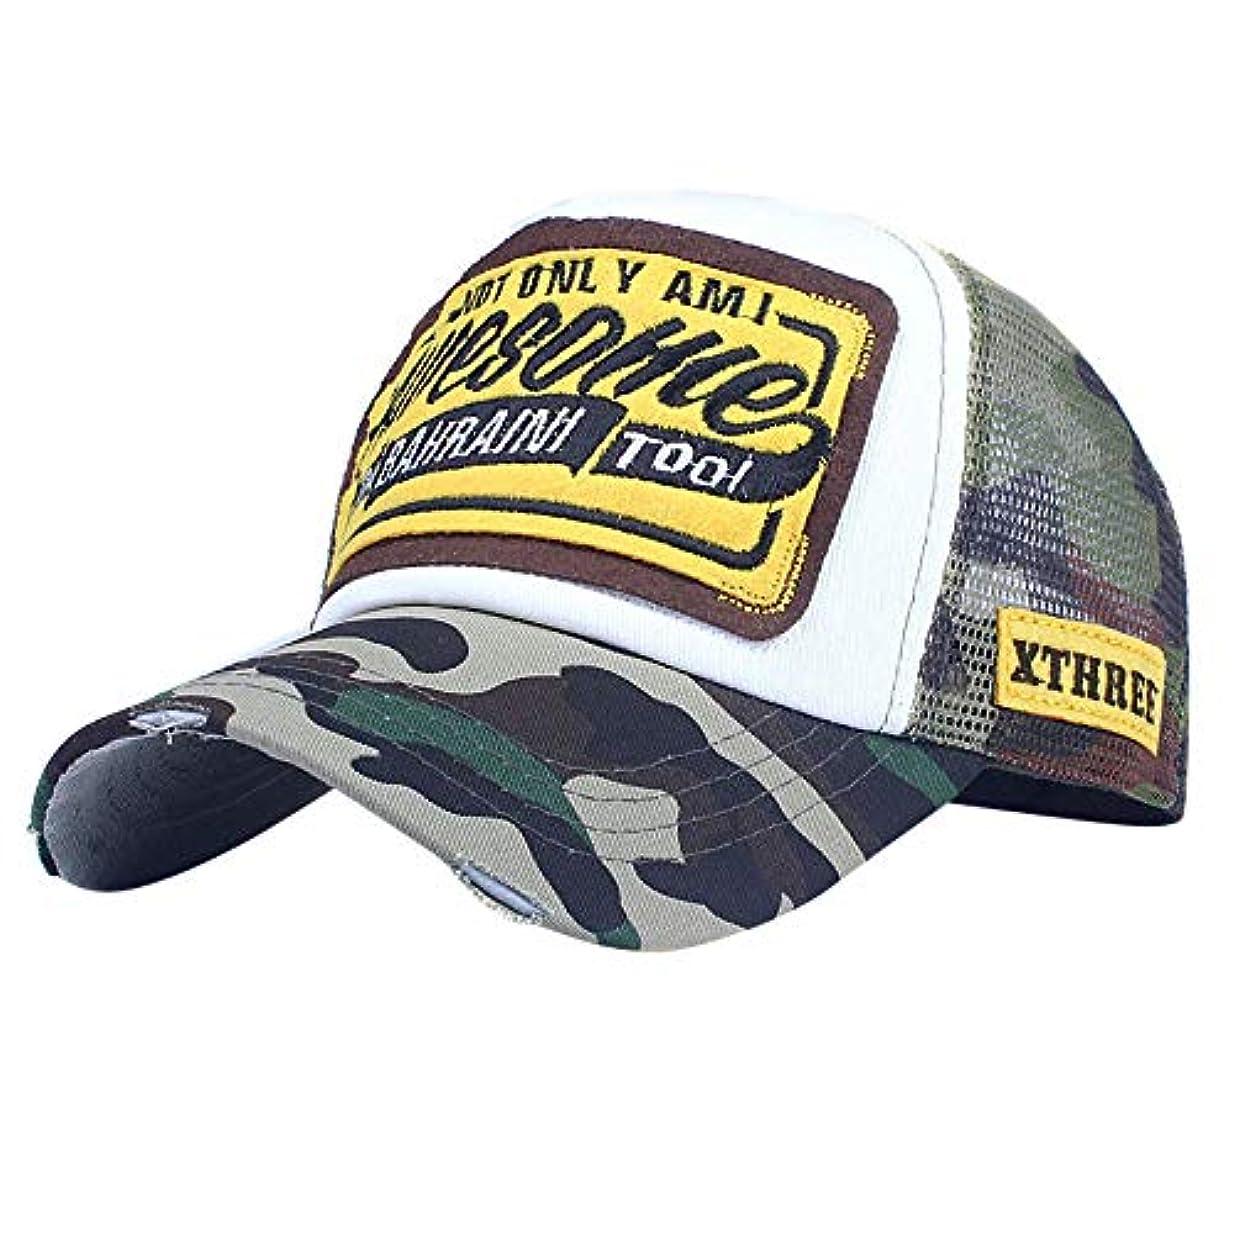 第九編集する結果としてRacazing カモフラージュ 野球帽 ヒップホップ メンズ 夏 登山 帽子 迷彩 可調整可能 プラスベルベット 棒球帽 UV 帽子 UVカット軽量 屋外 Unisex 鸭舌帽 Hat Cap